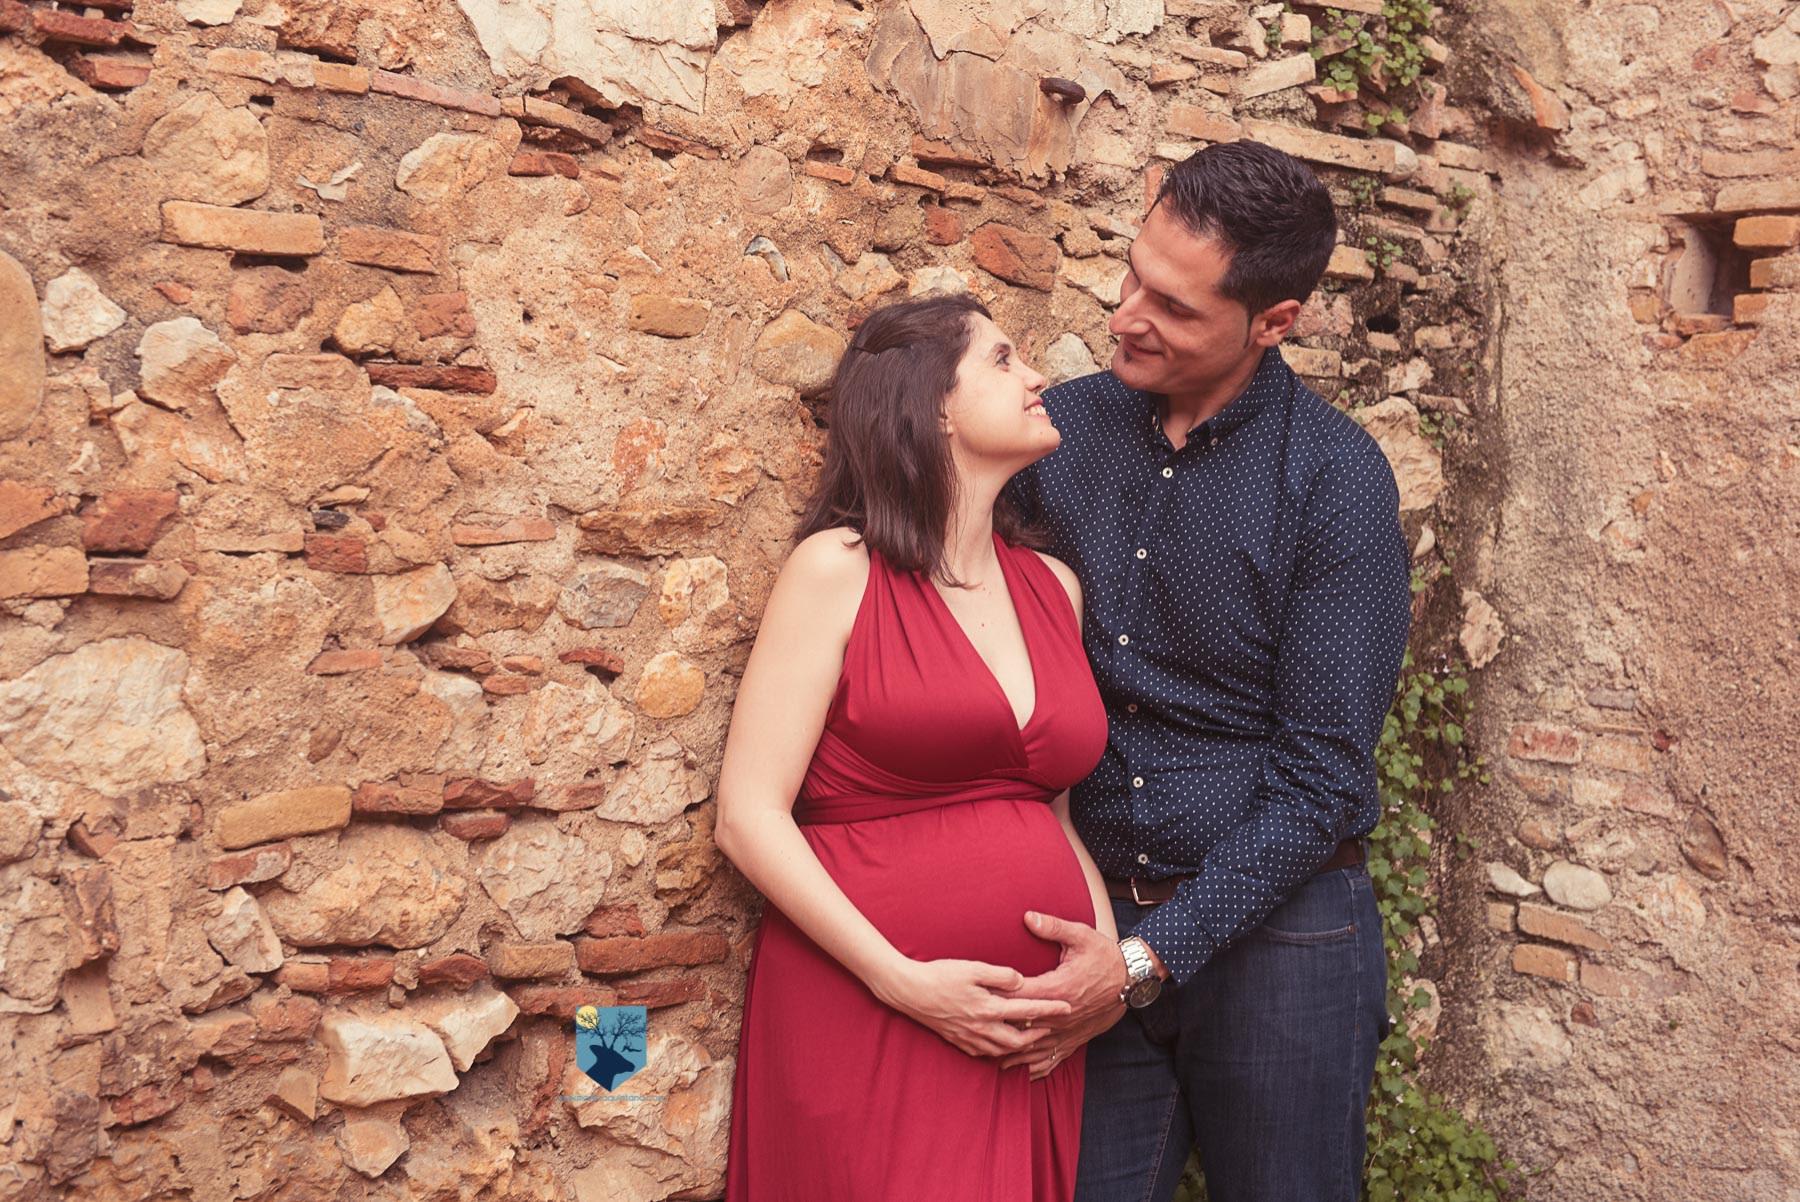 fotografia,girona,figueres,emporda,monica quintana,retrato,embarazo,embarazada,amor,pareja,familia,embaras,fotos,estudi, vilamalla